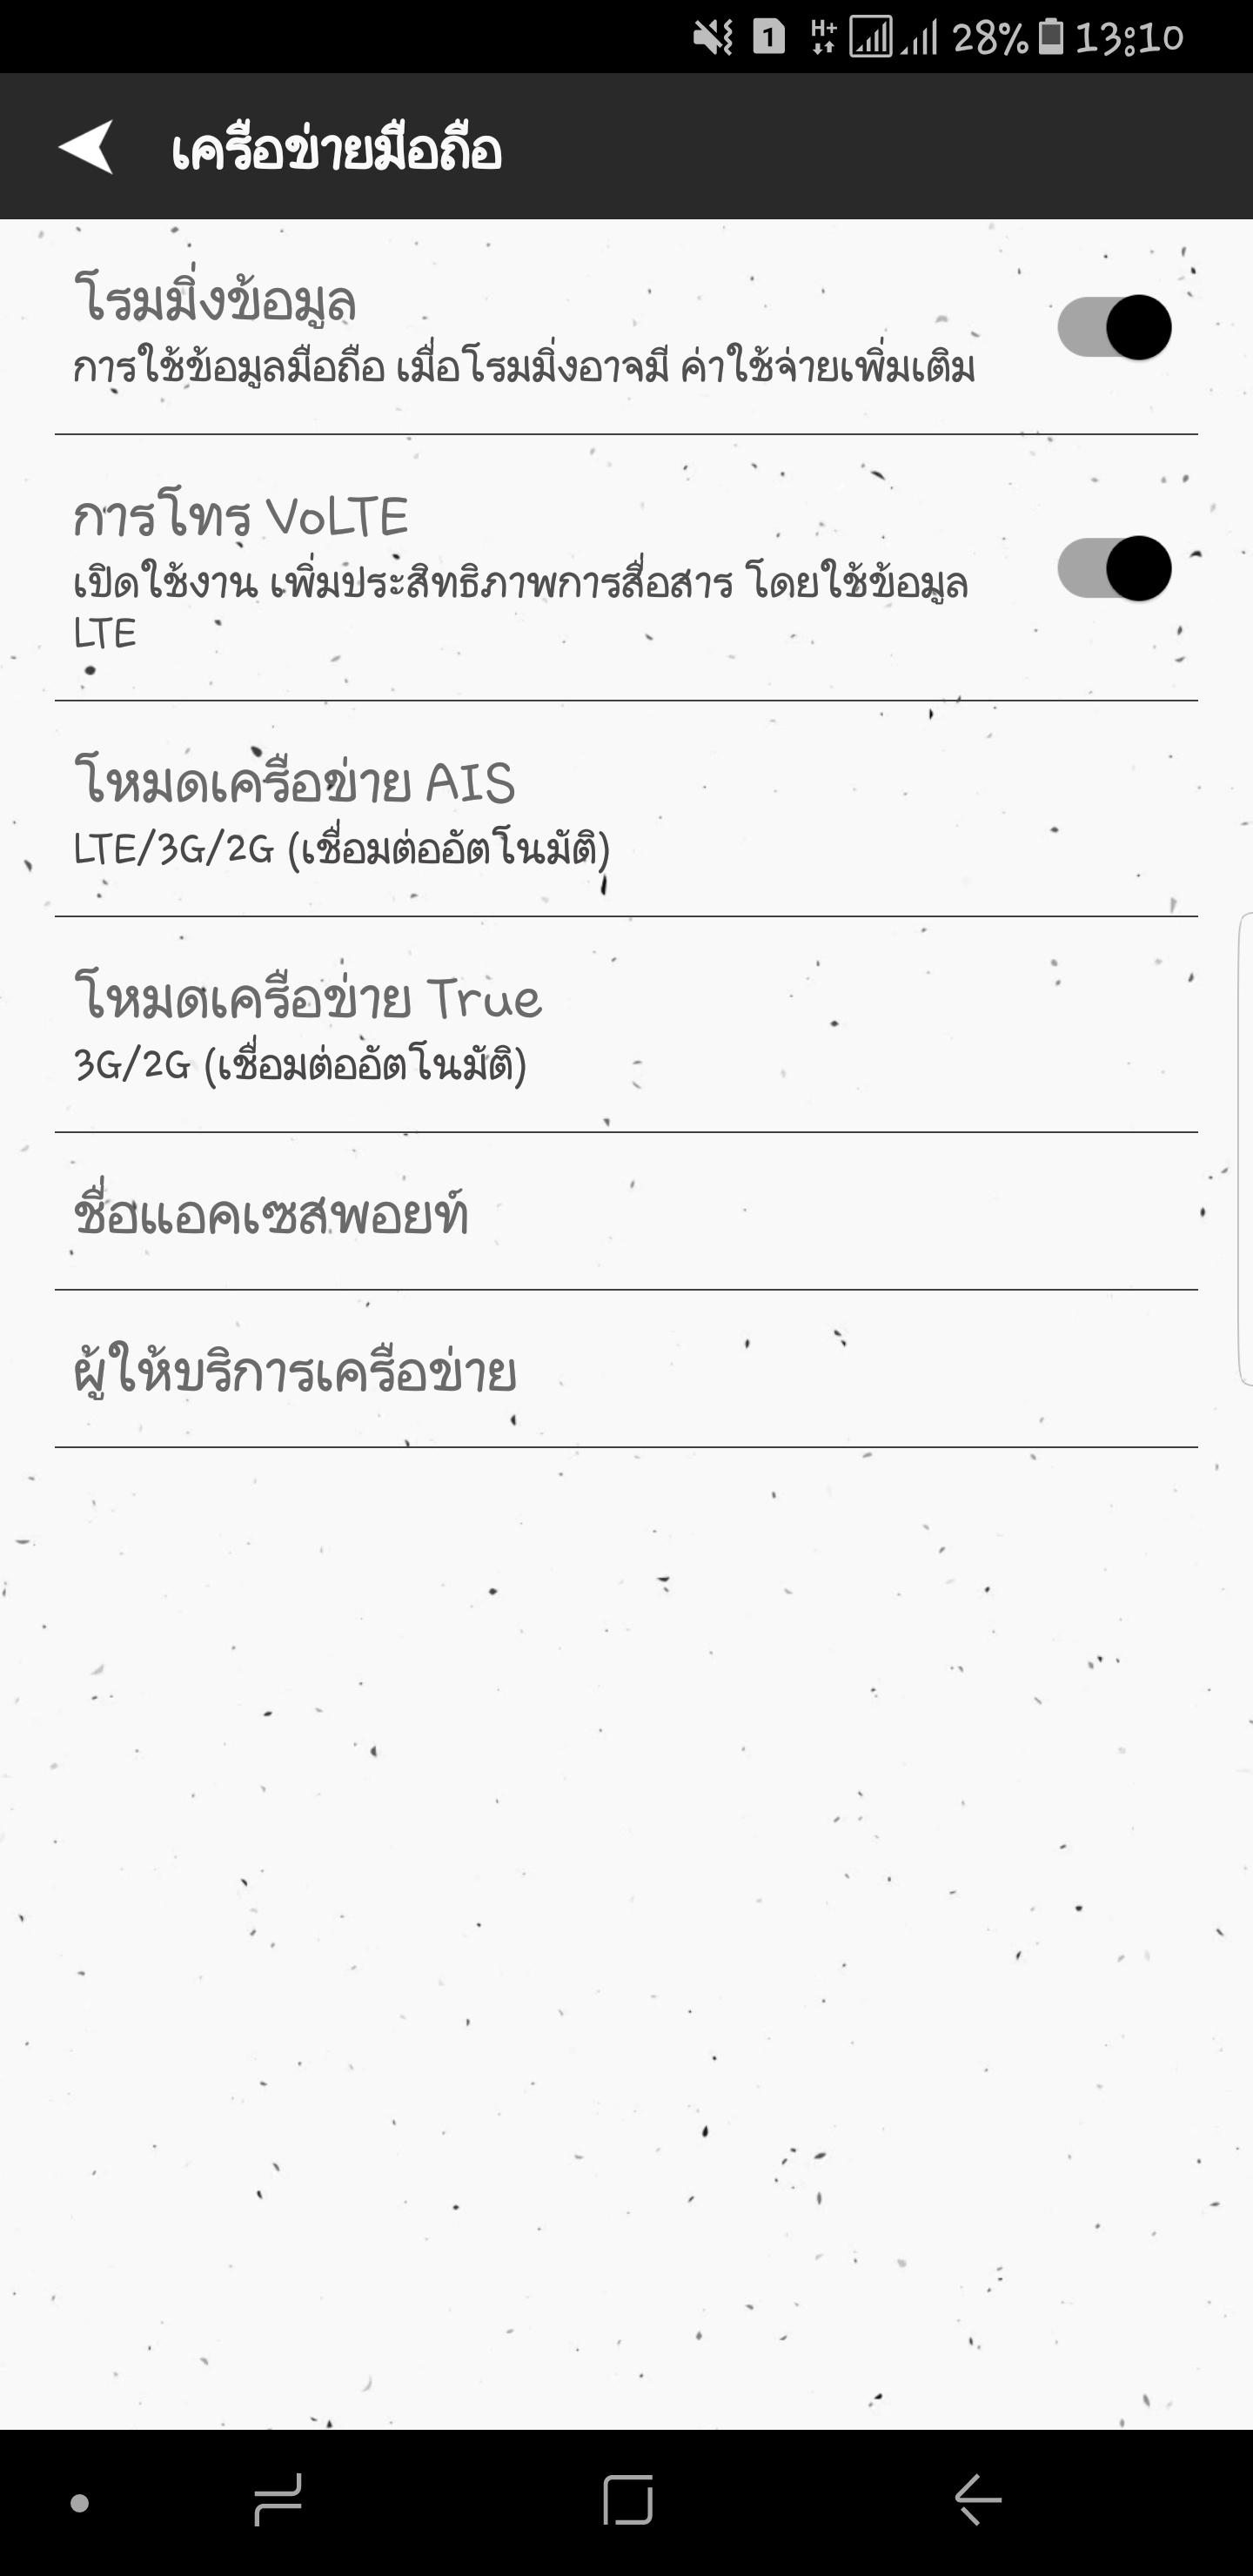 เกี่ยวกับ VoLTE ของ AIS บน Samsung S7 สัญลักษณ์ VoLTE ที่